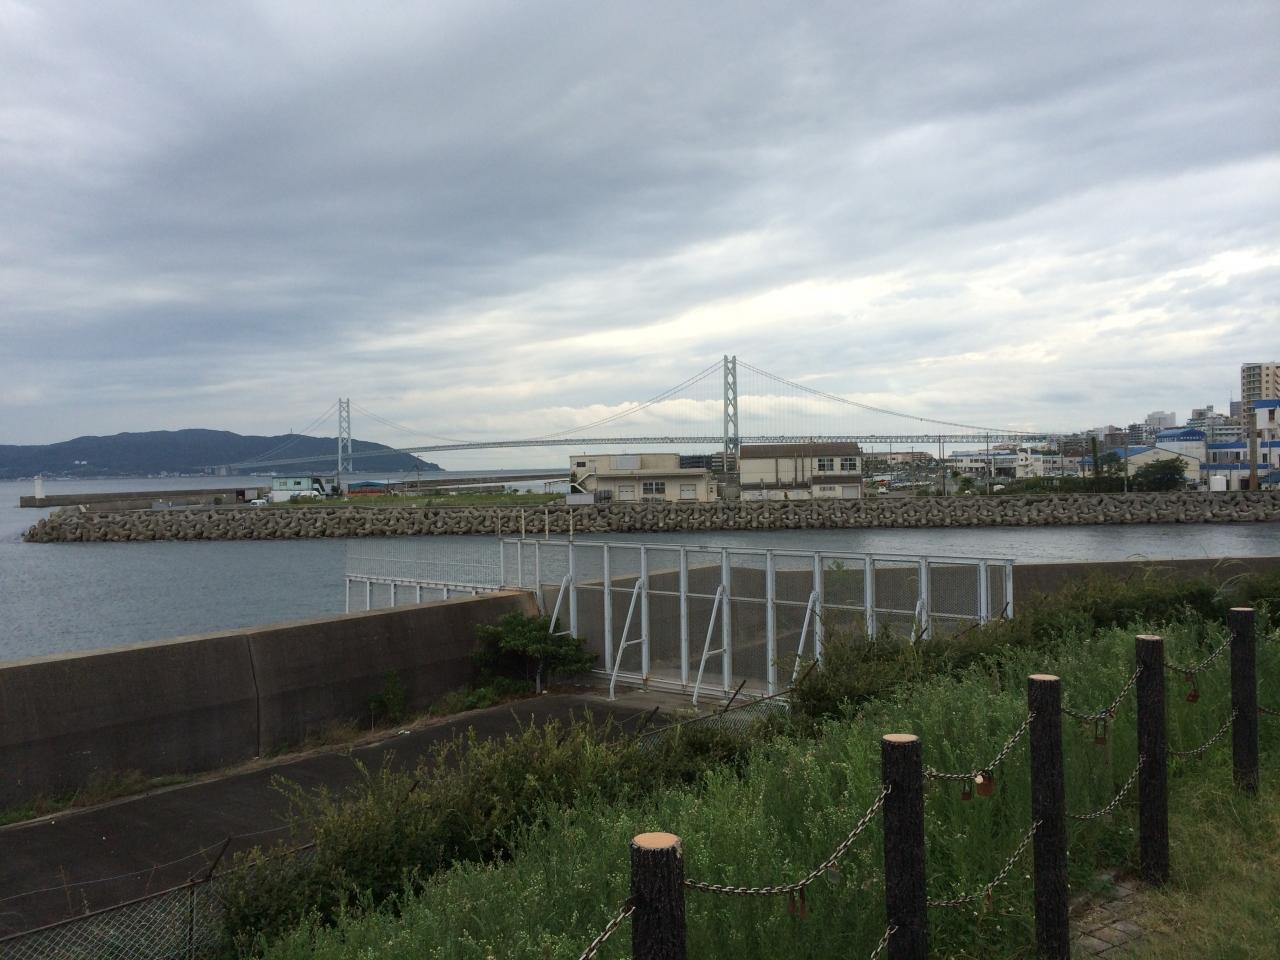 航空:空港一覧 - 国土交通省 - mlit.go.jp